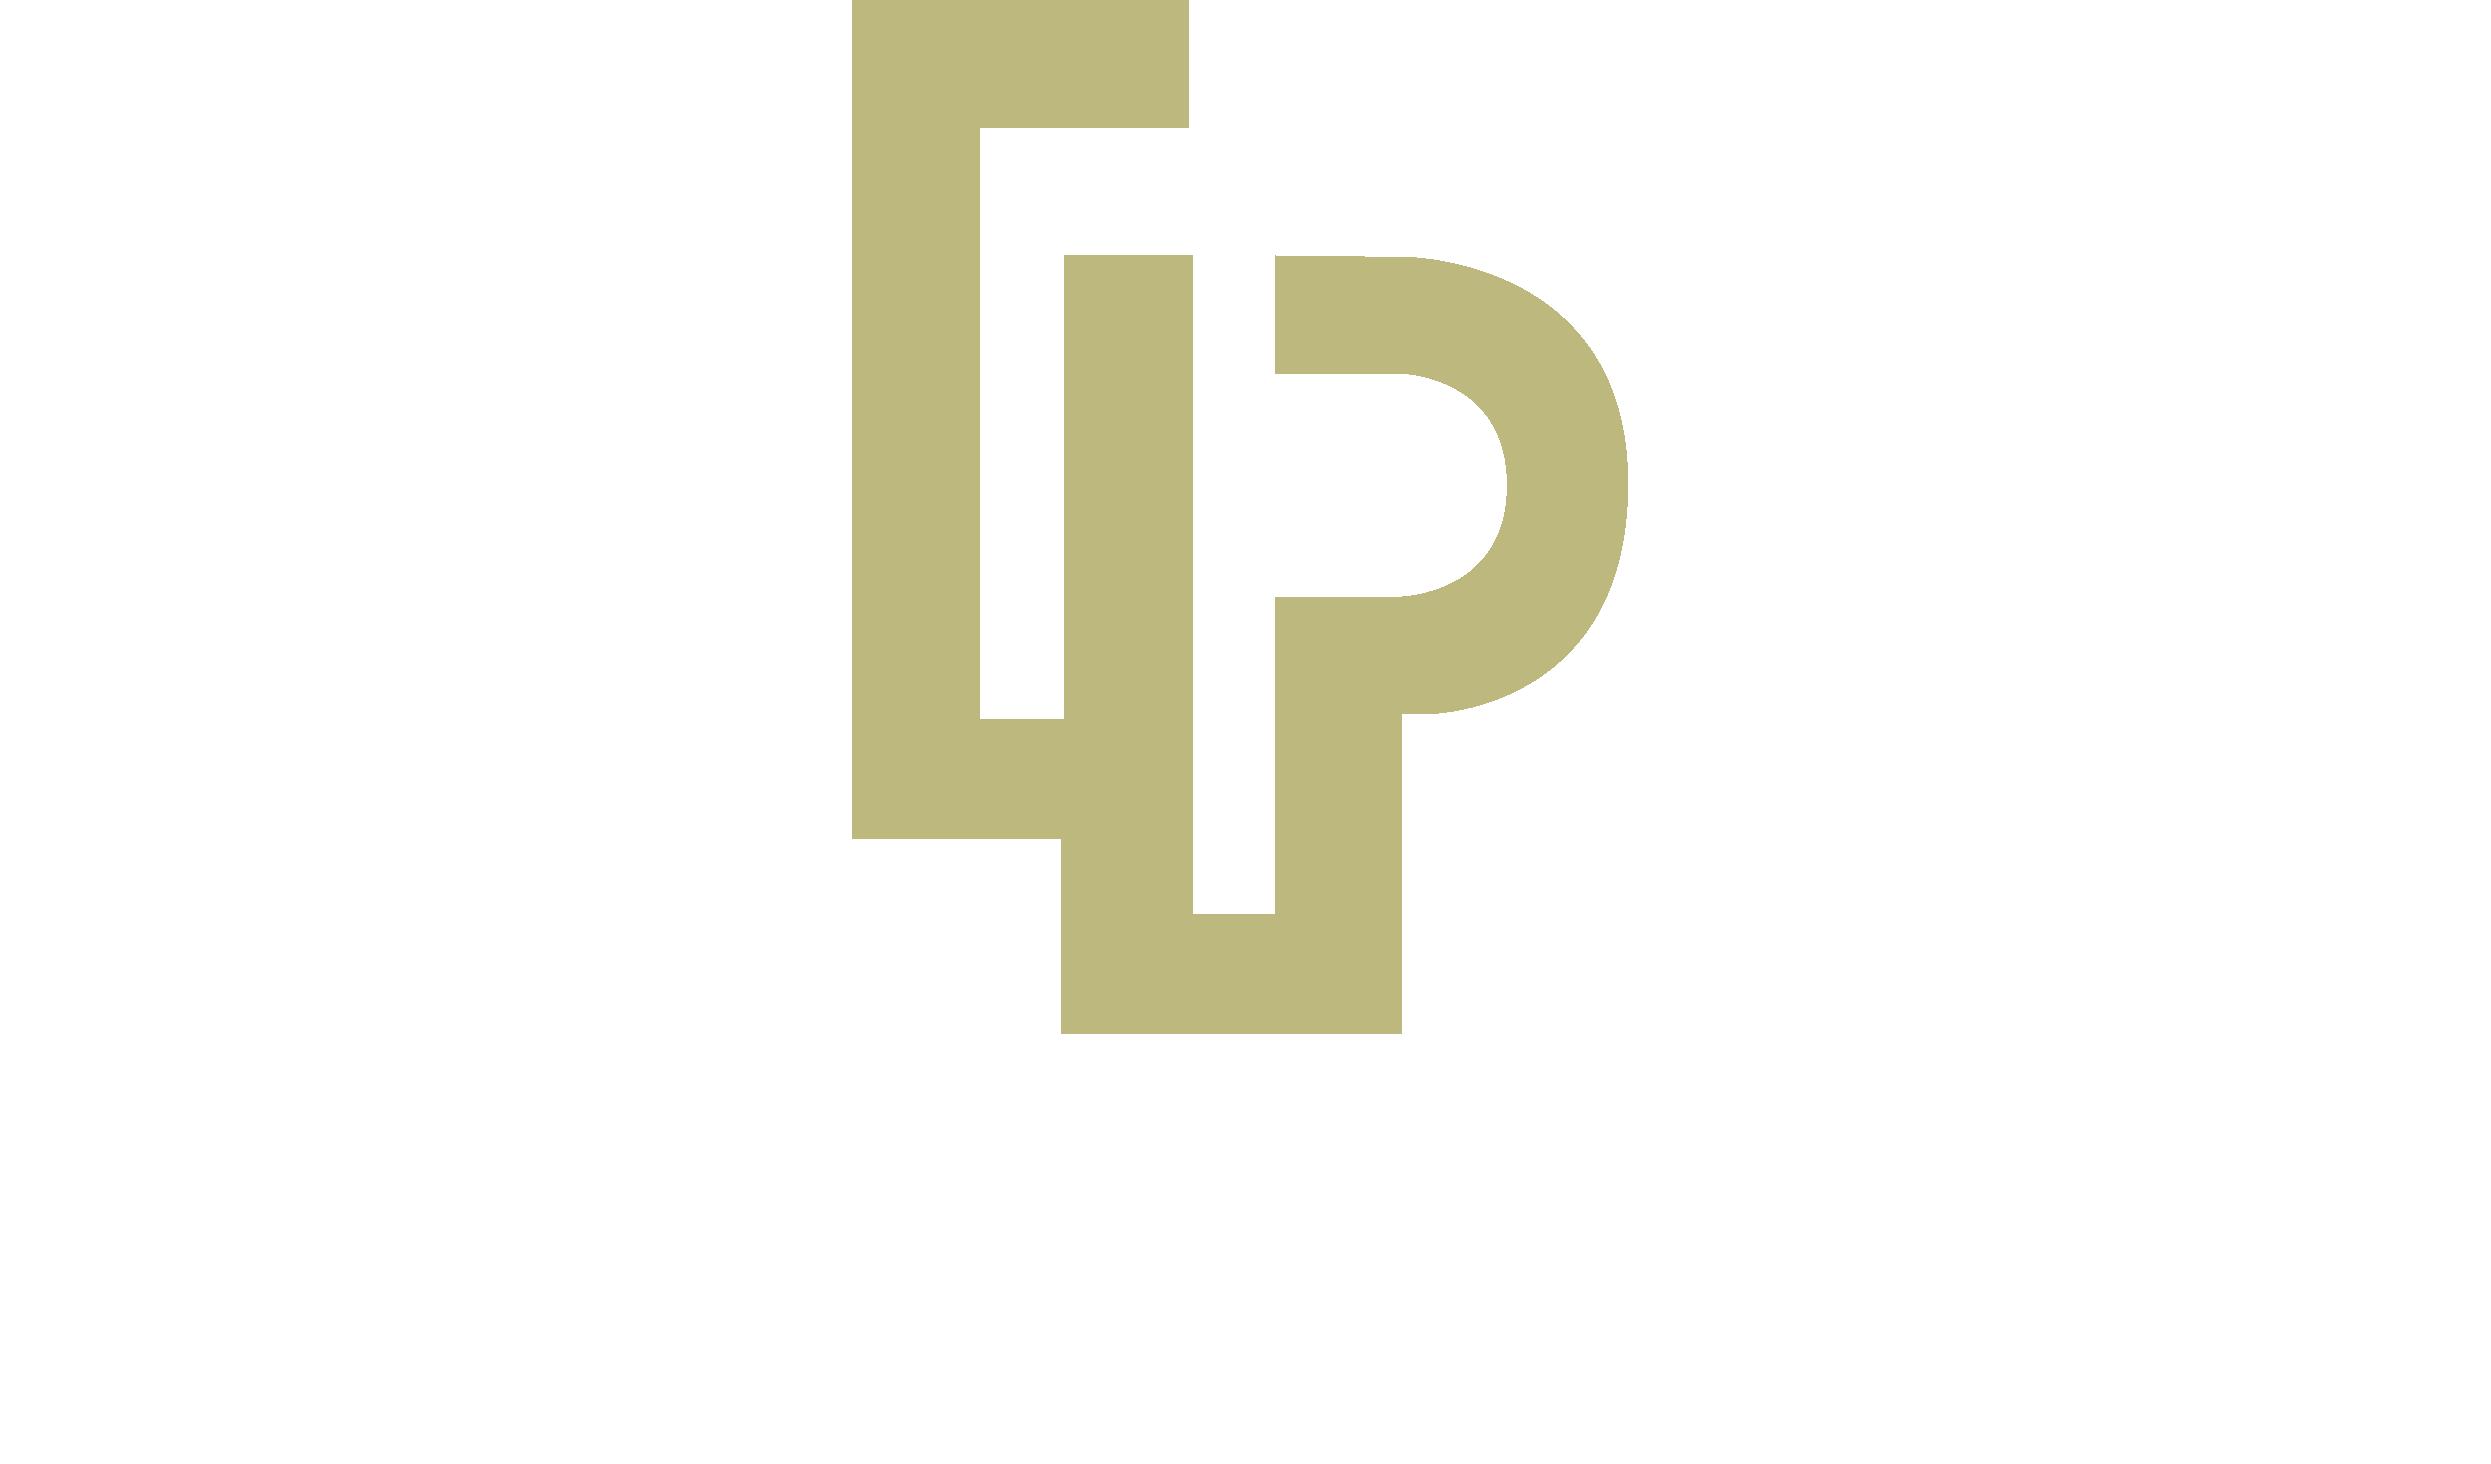 181202 Logo.png